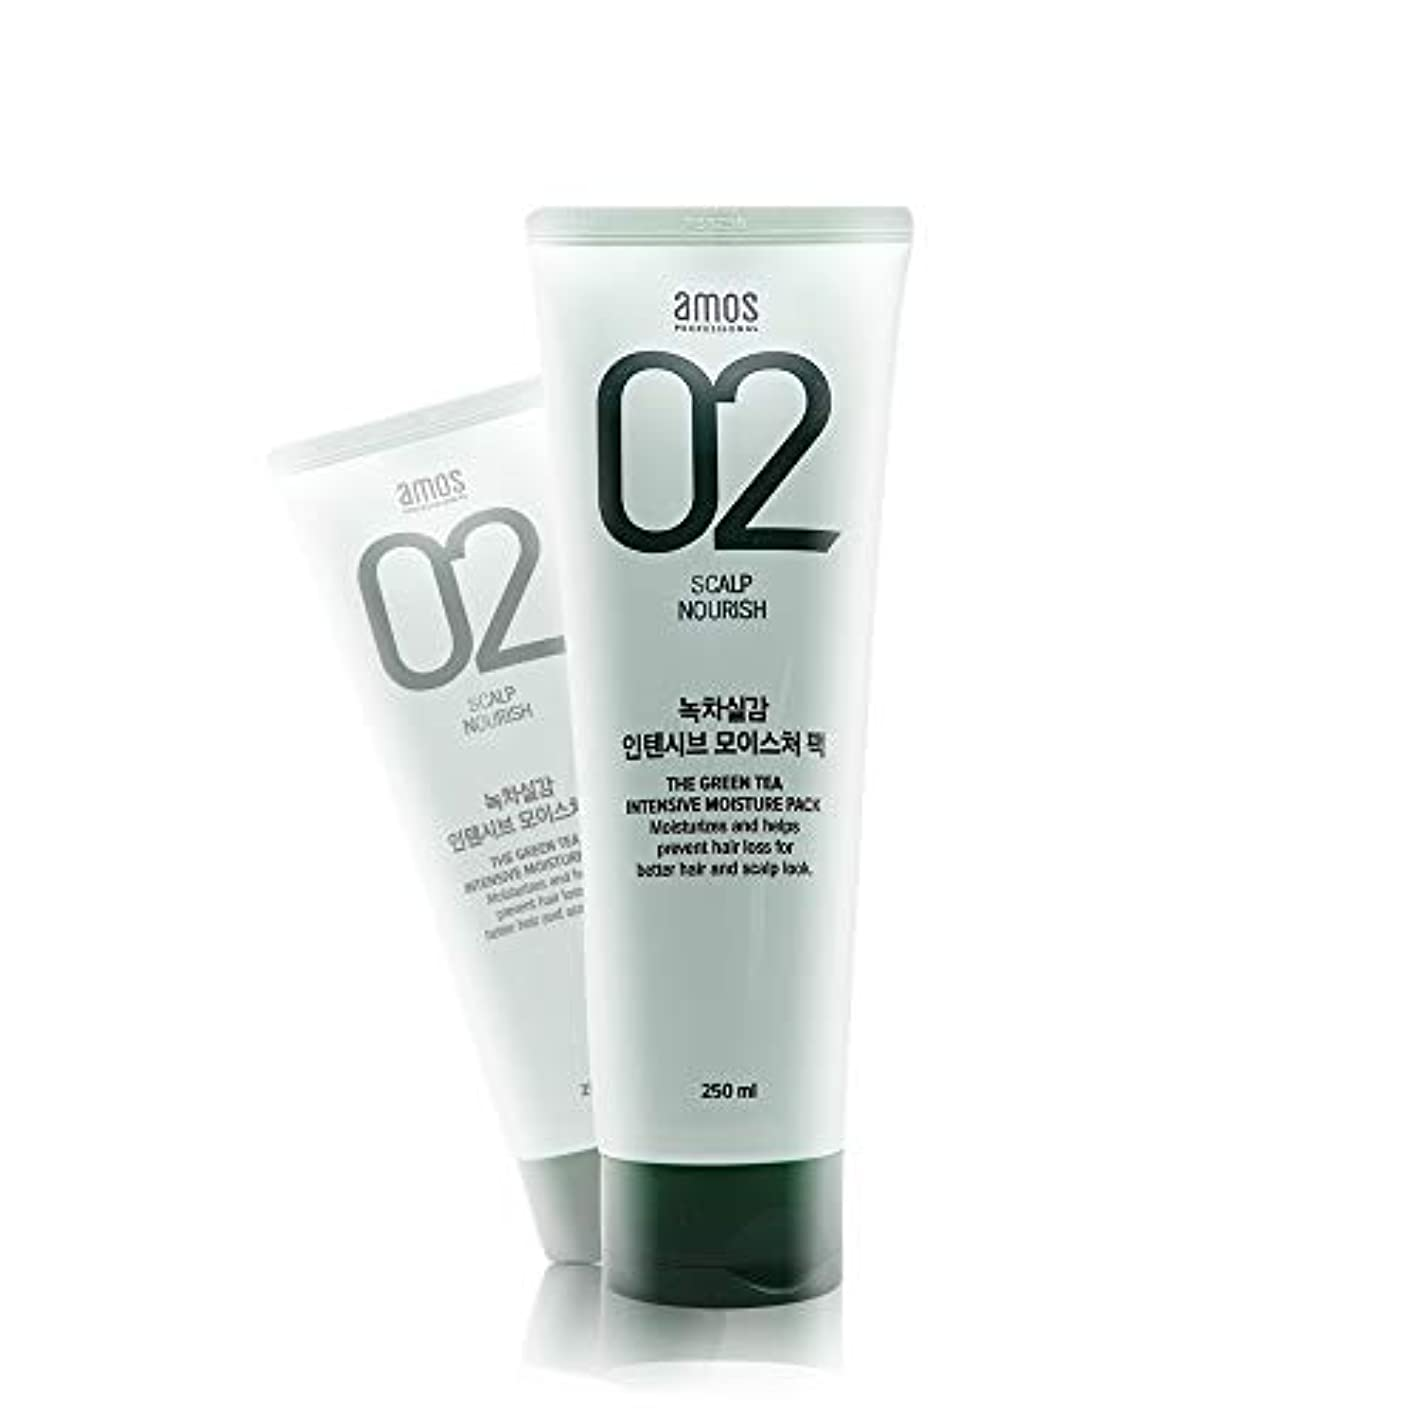 集まる呼吸する気になるアモス AMOS 緑茶実感インテンシブモイスチャーパック 250g, Feel the Green Tea Intensive Moisture Hair Pack